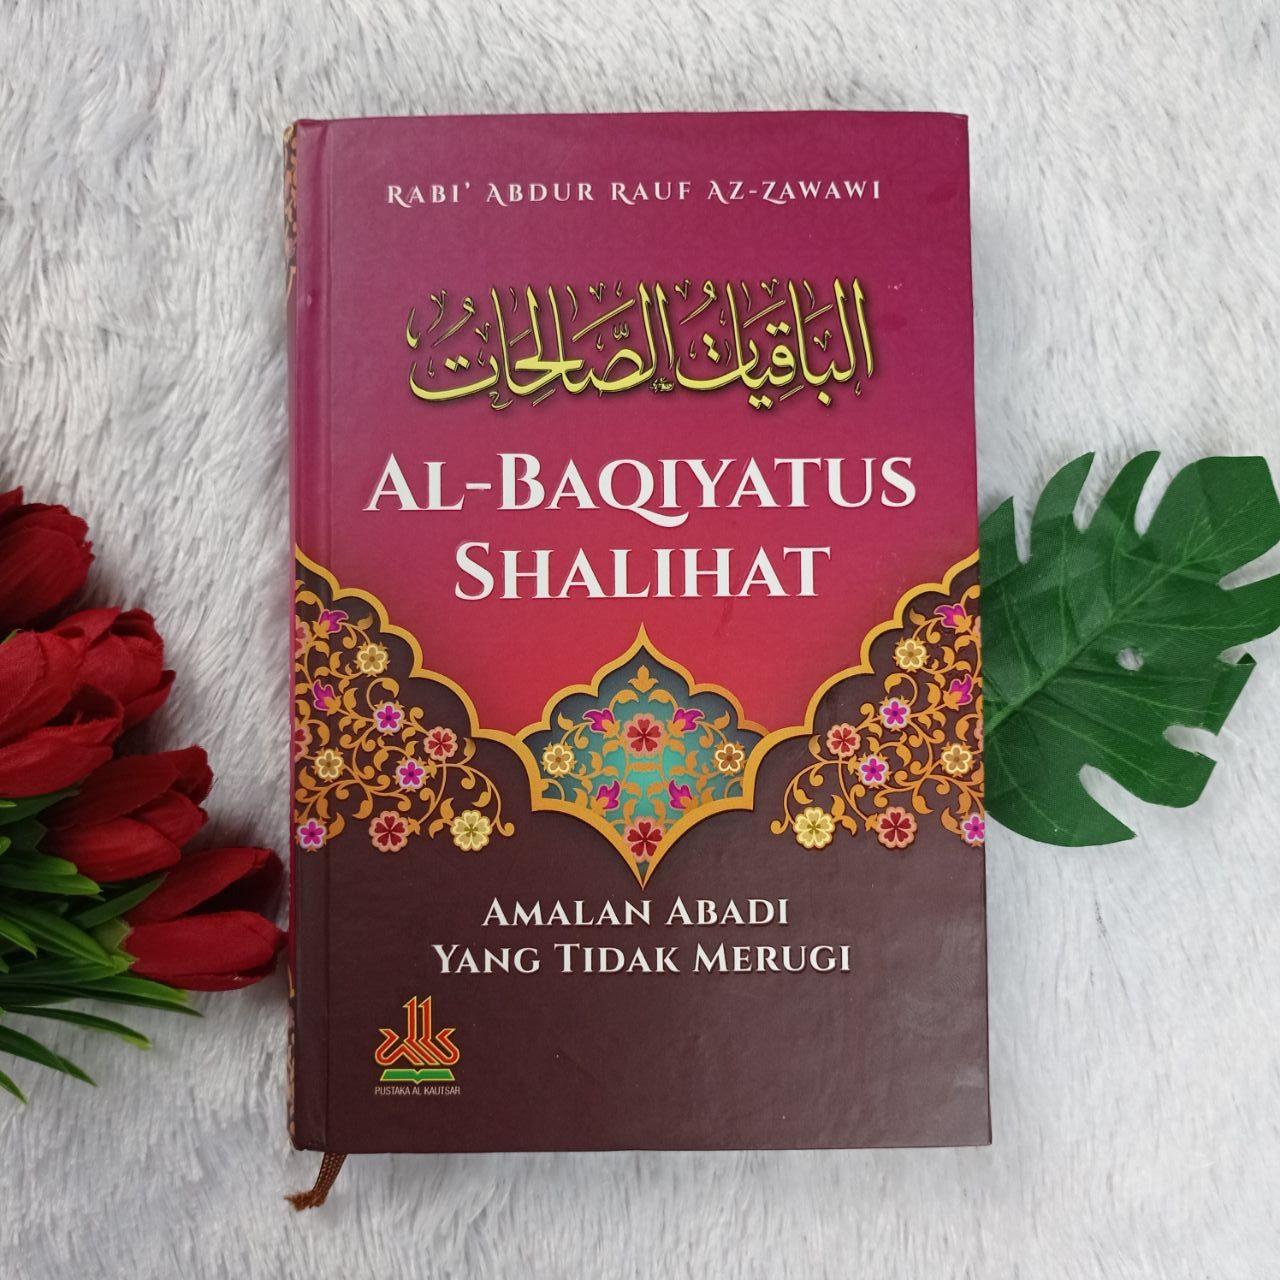 Buku Al-Baqiyatus Shalihat Amalan Abadi Yang Tidak Merugi